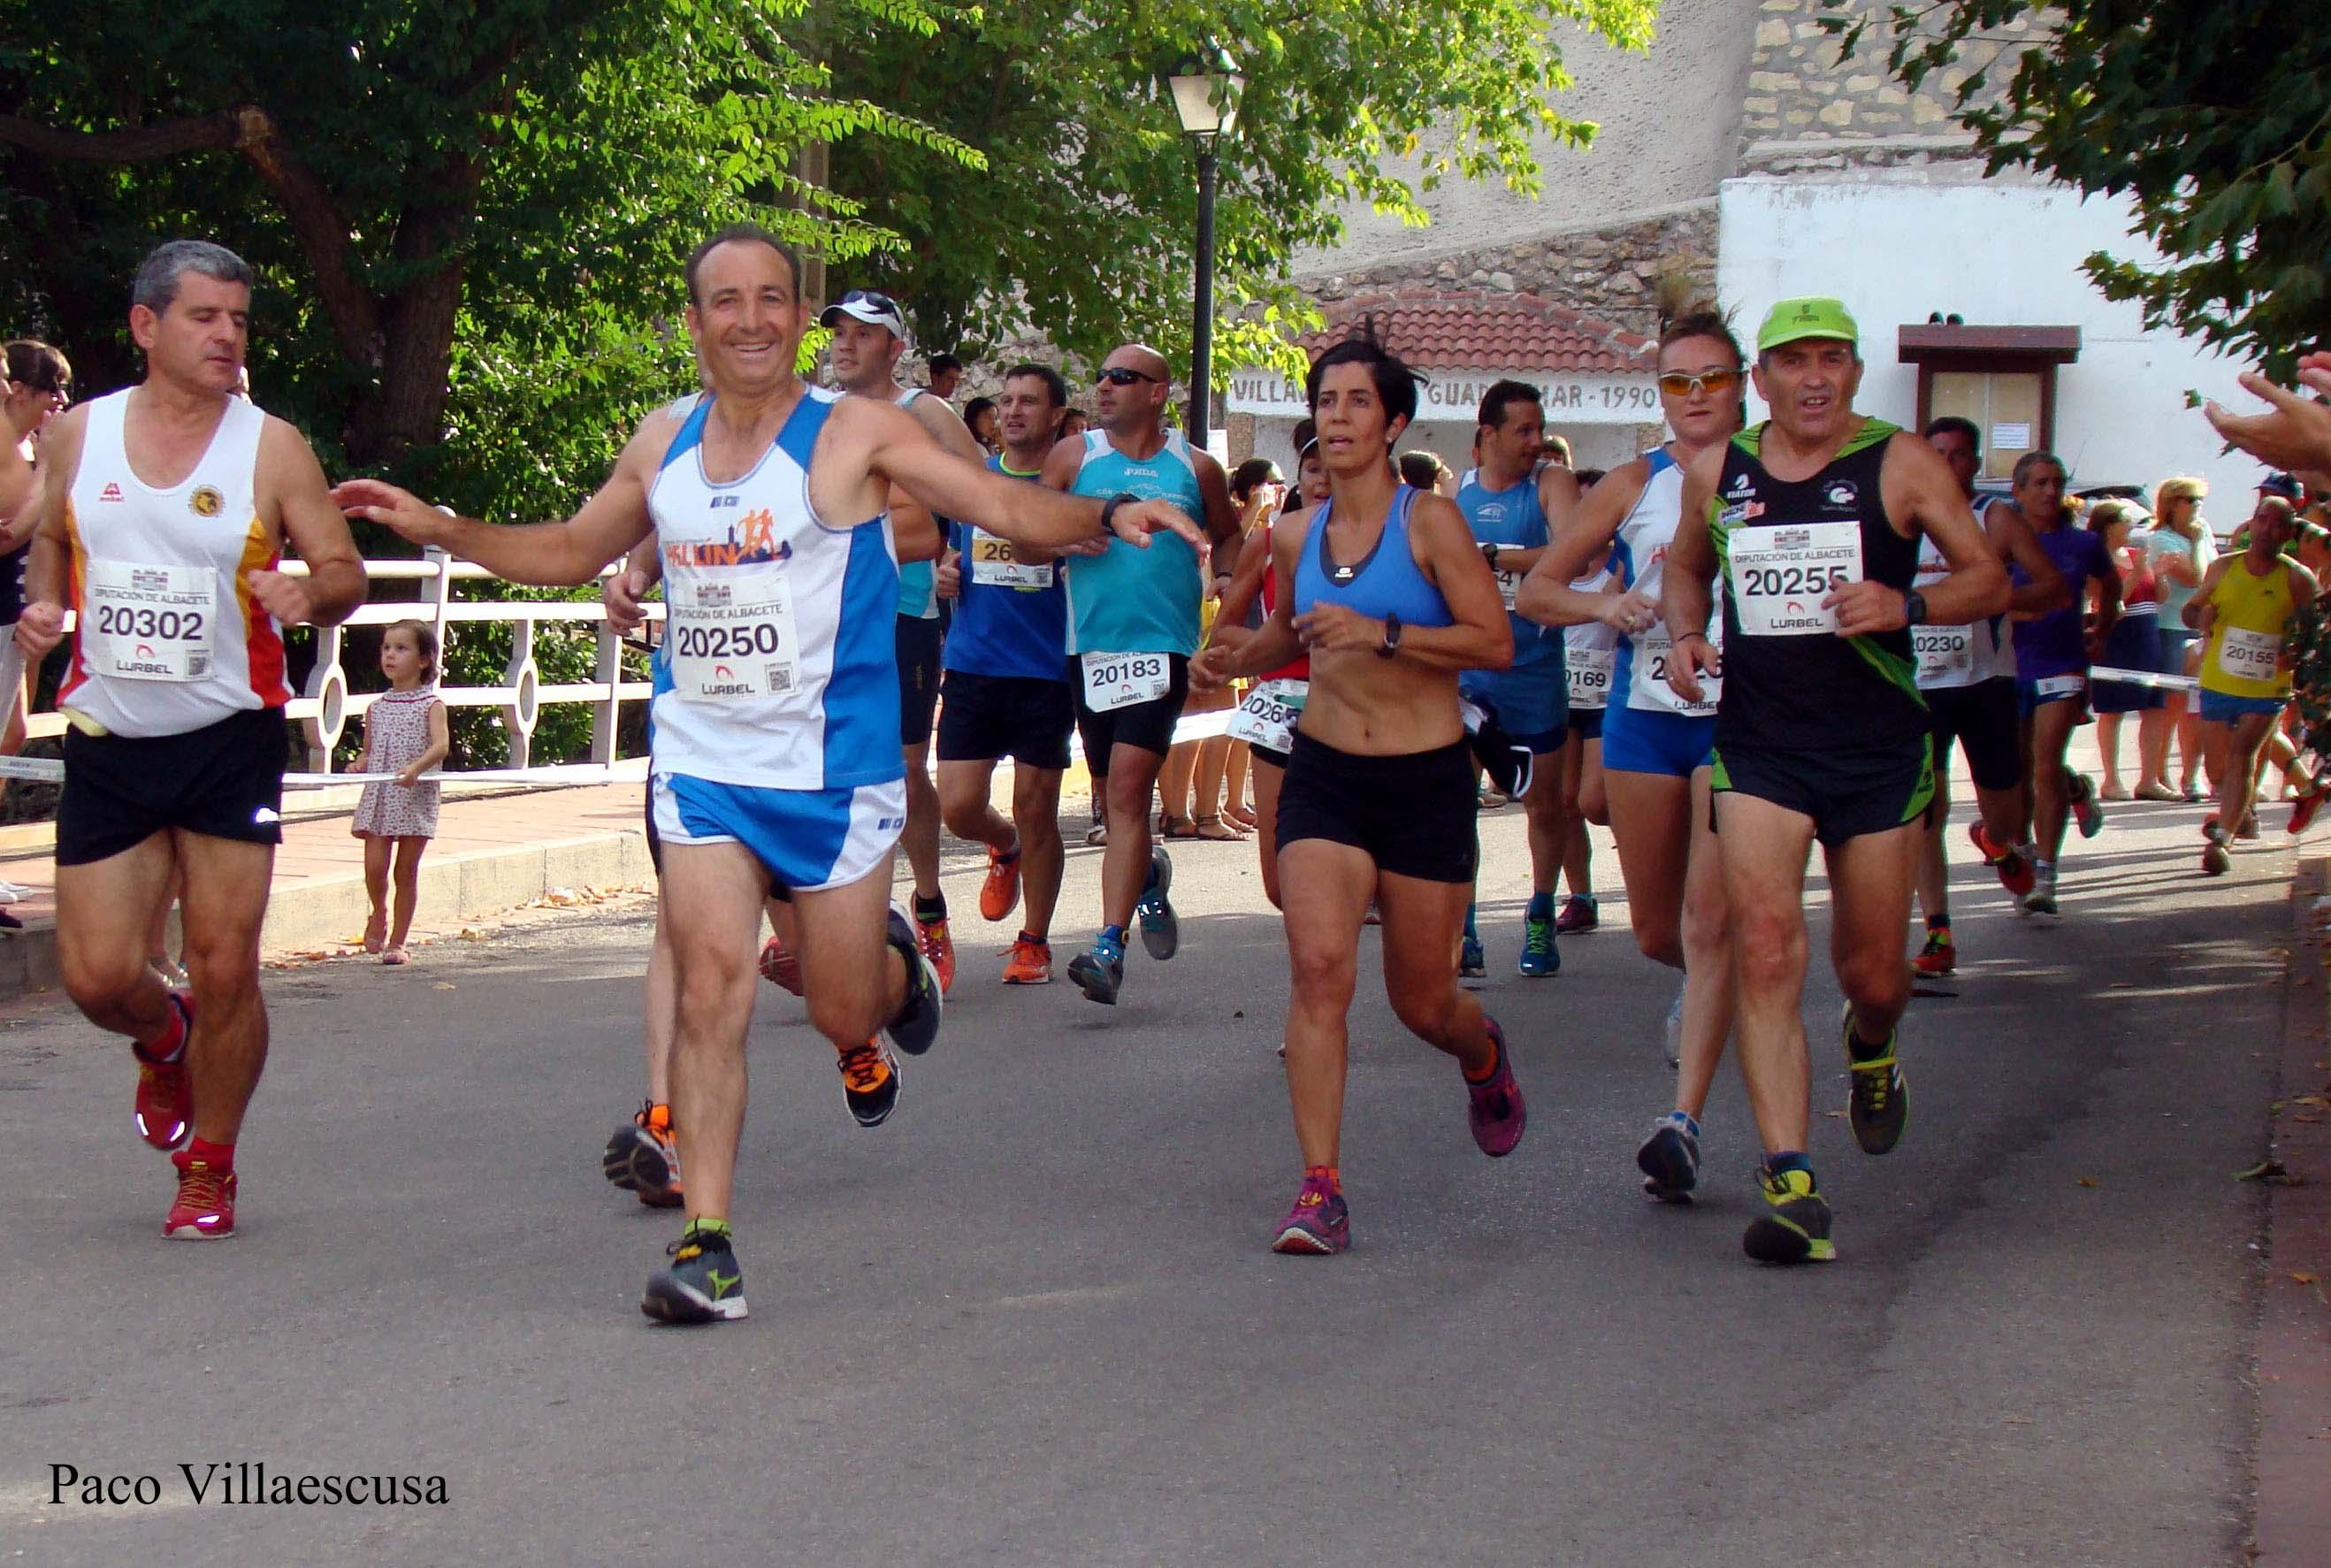 Atletas populares en la IV Carrera Popular de Villaverde de Guadalimar (Foto: Paco Villaescusa)